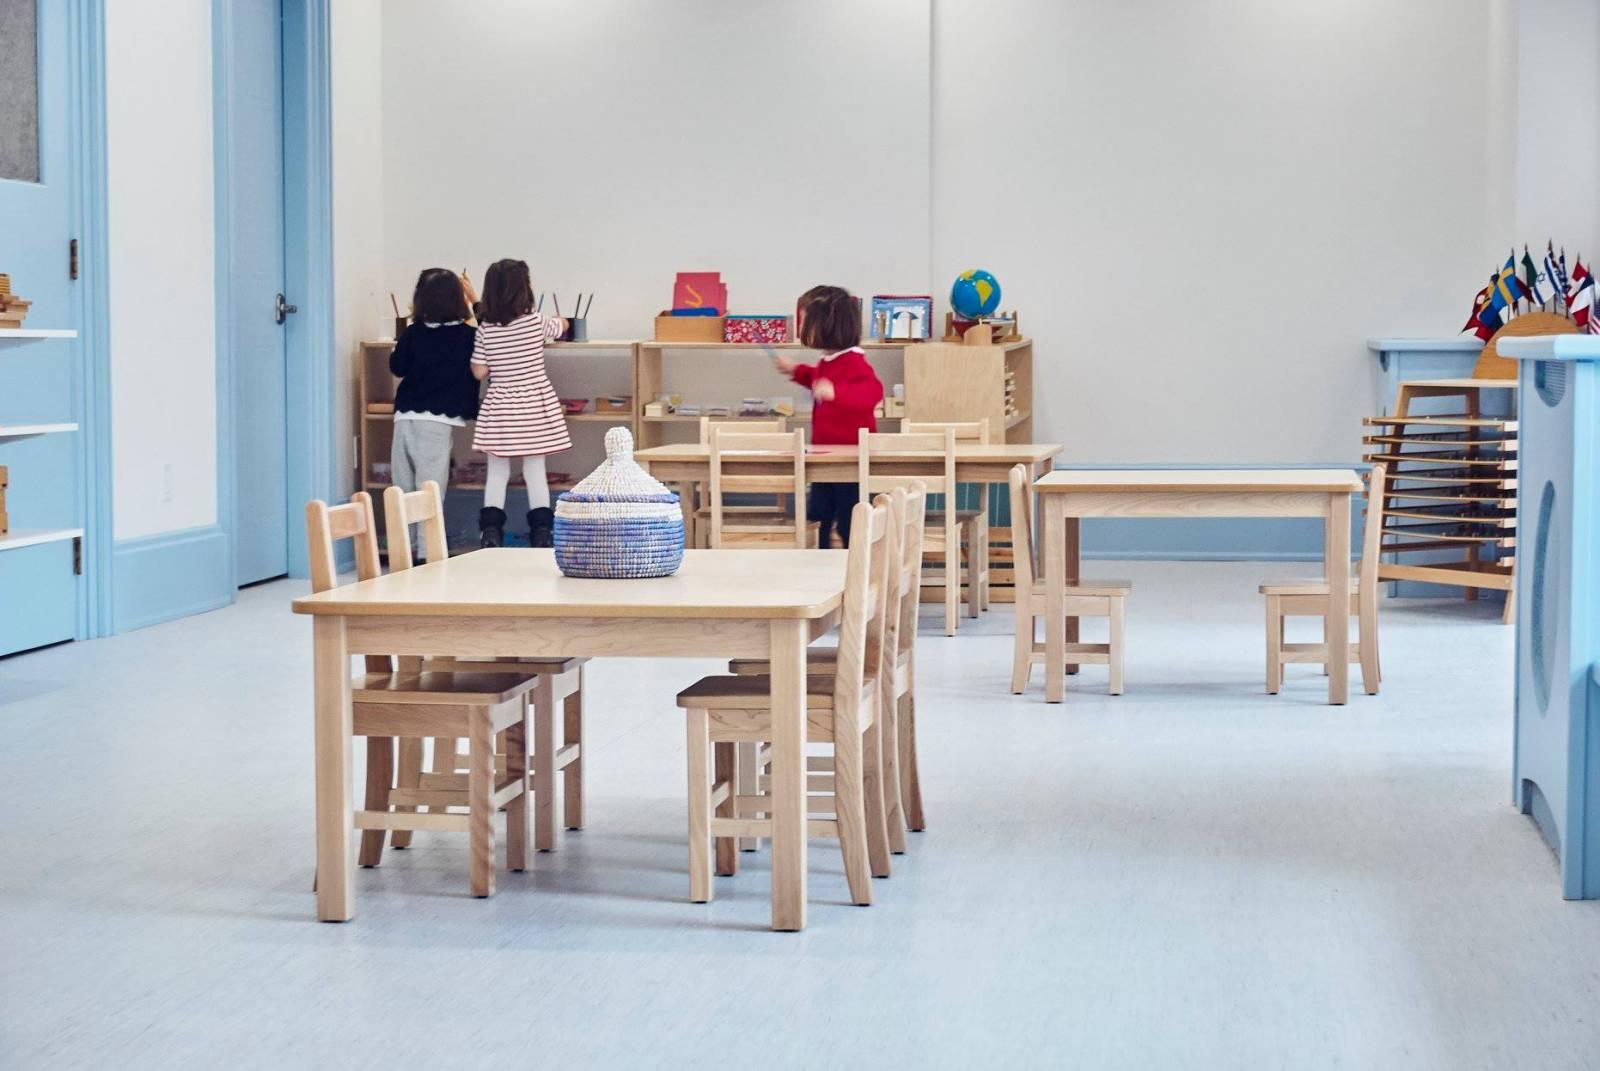 Image d'enfants dans une salle d'école.